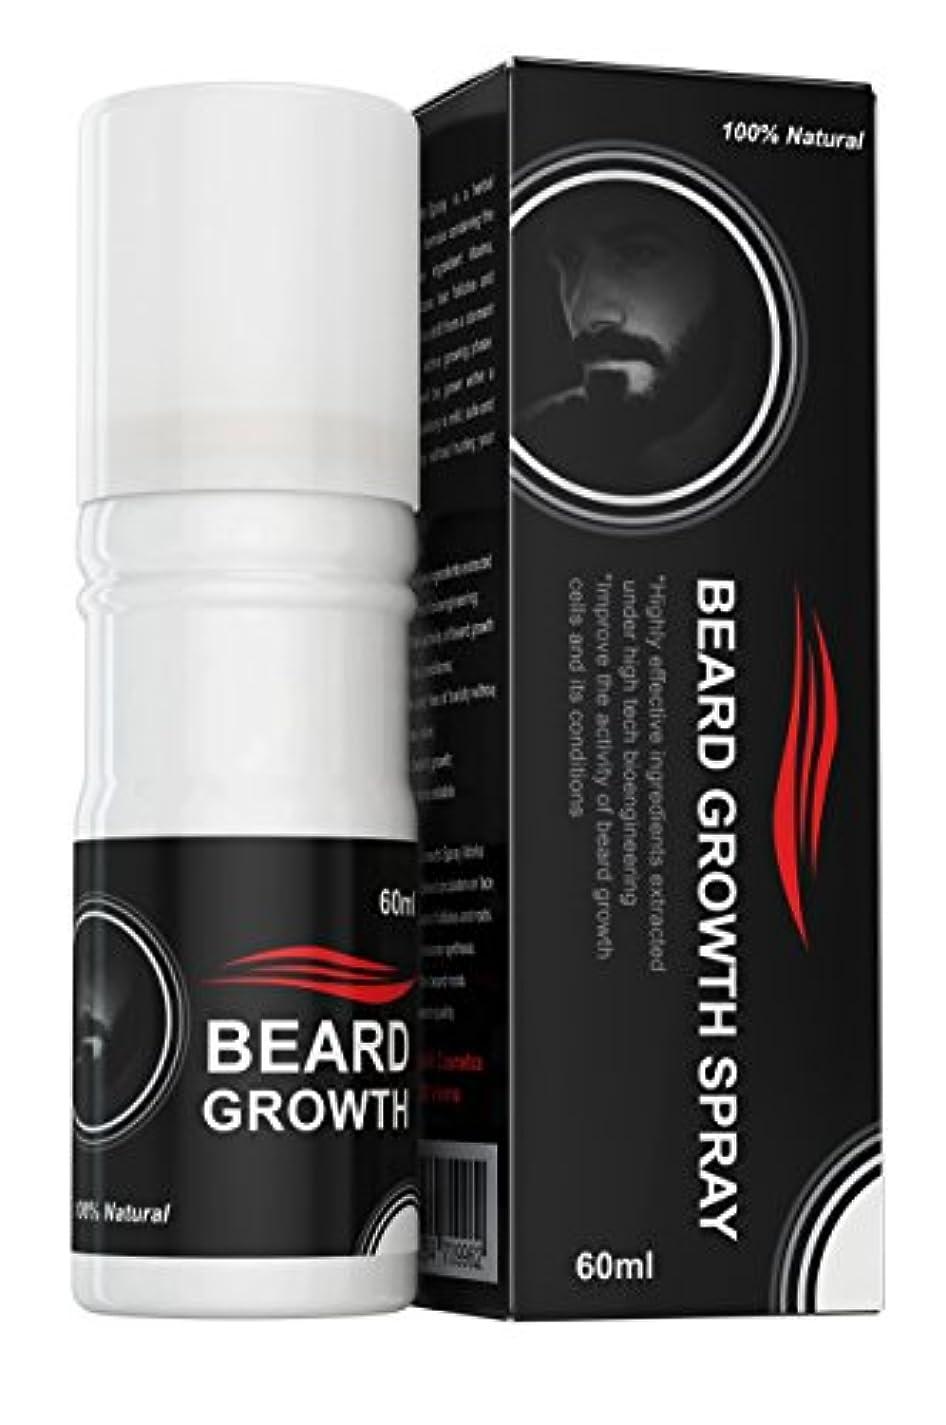 広々首謀者アテンダントBeard Growth Spray®(ベアードグロースプレー®)- ヒゲの育毛剤 - 100%天然成分使用